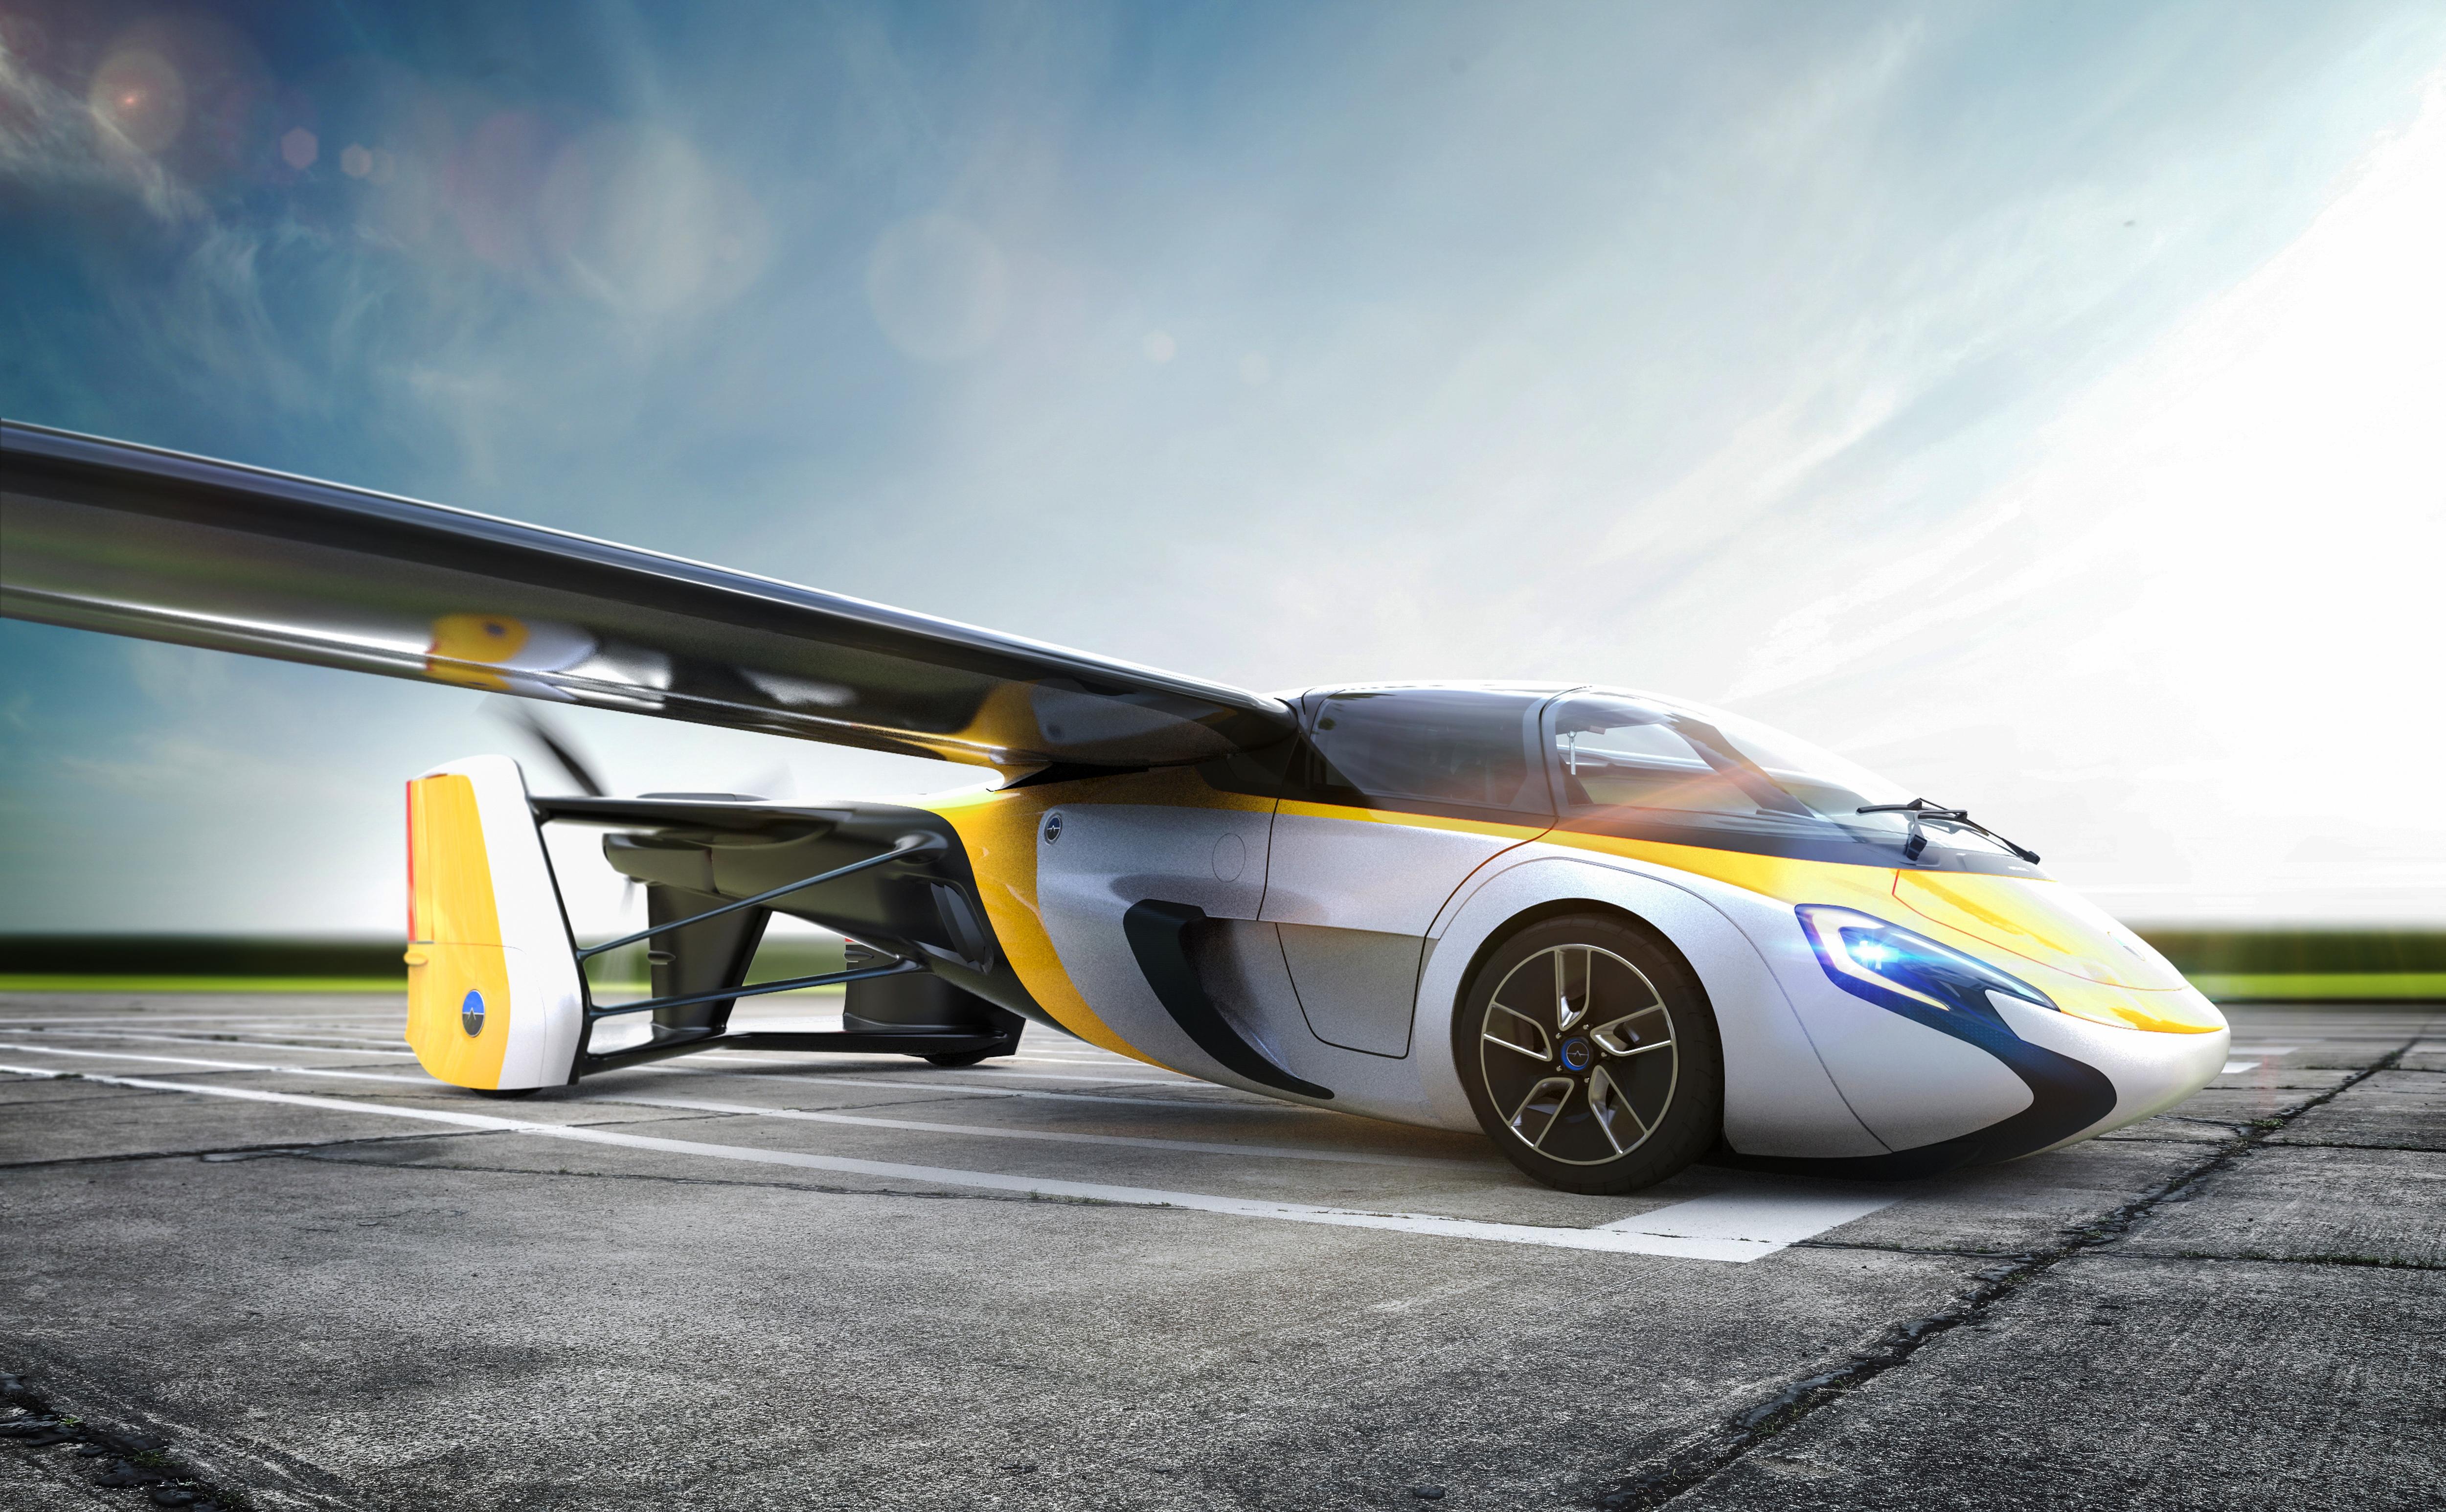 Летающий автомобиль от Aero Mobil можно будет приобрести уже в конце 2017